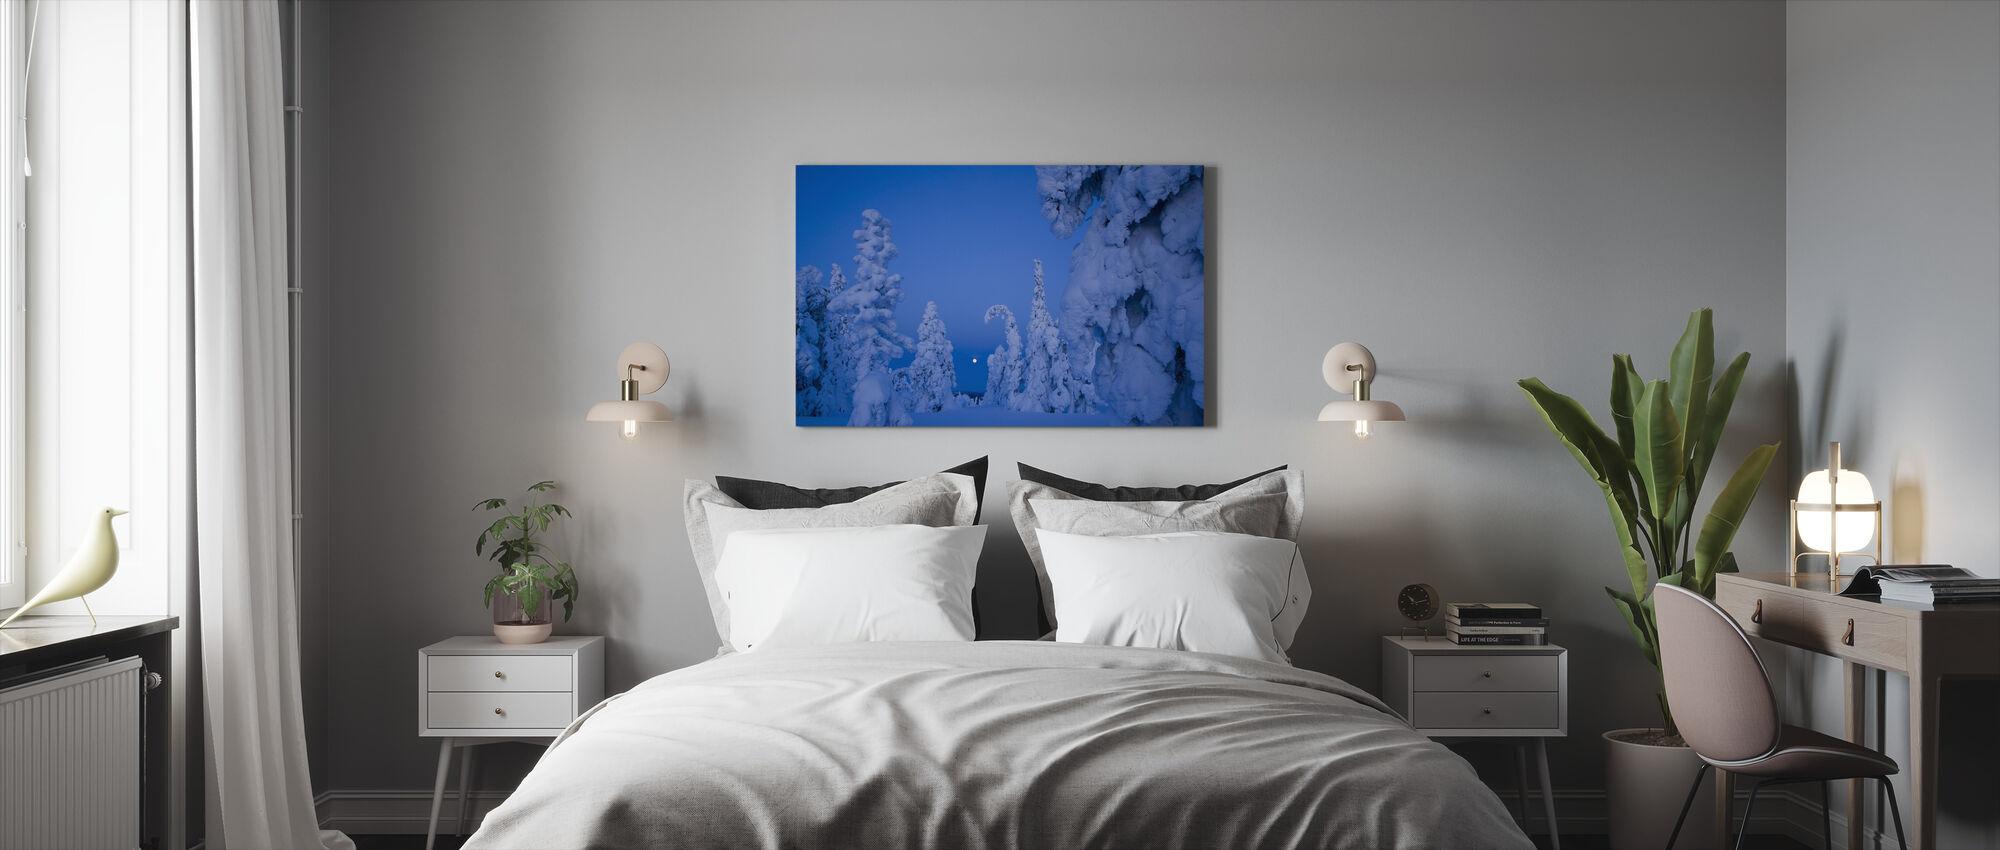 Sne Laden Taiga Skovland - Billede på lærred - Soveværelse